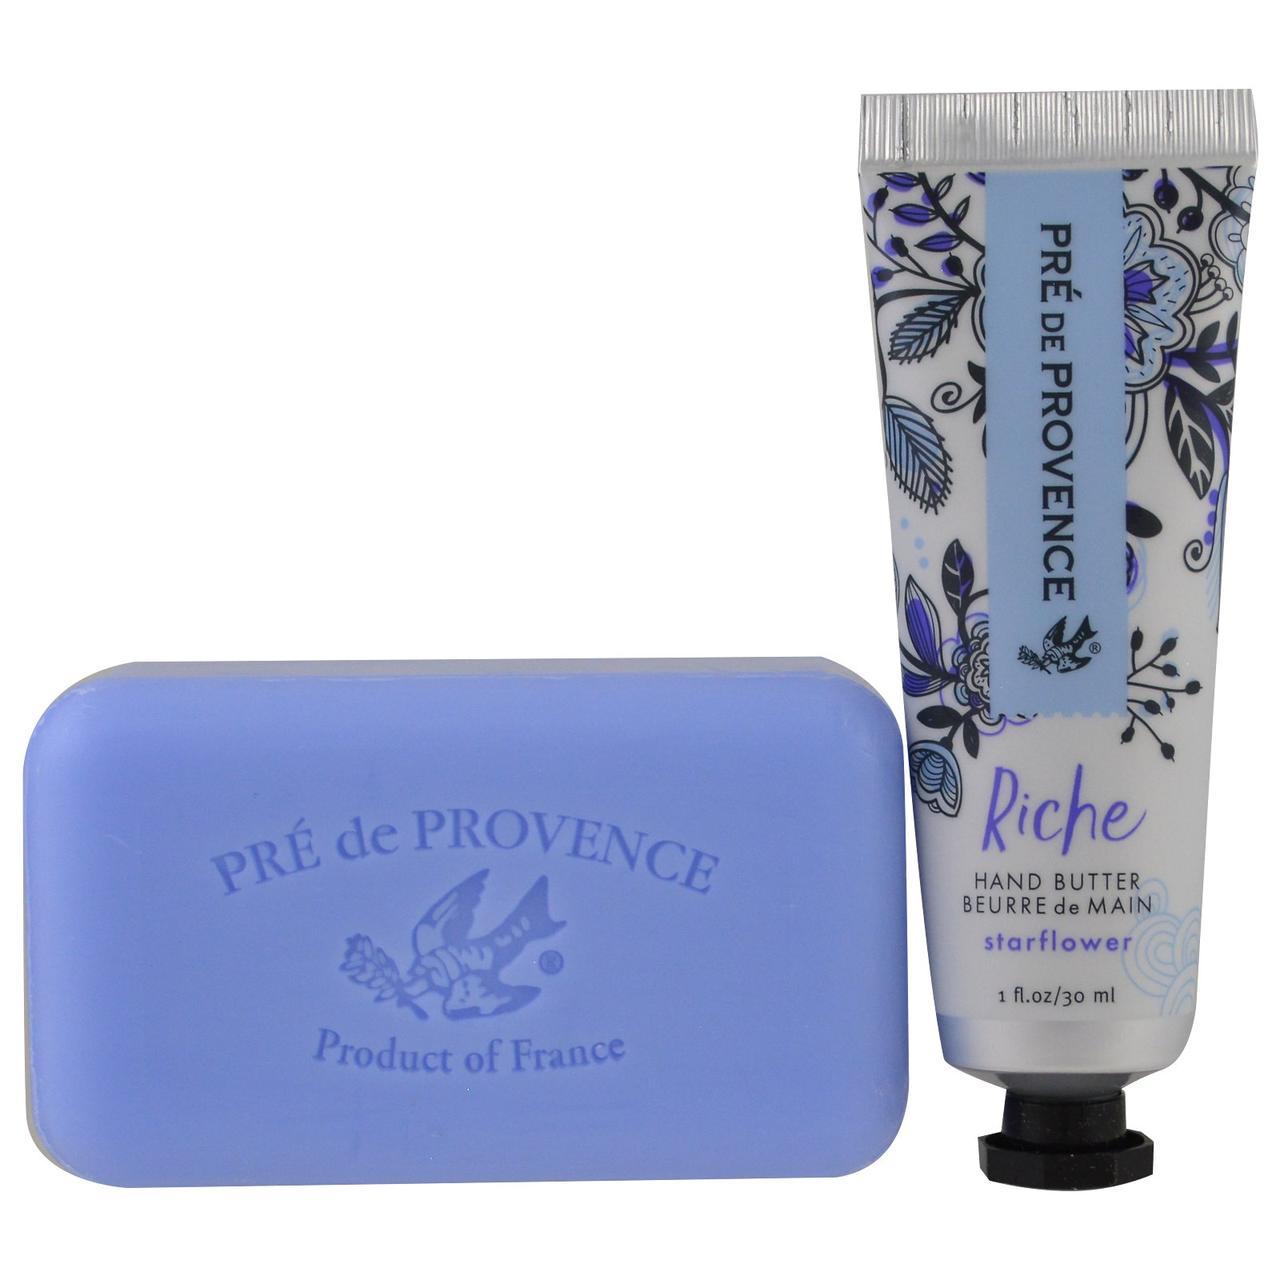 European Soaps, LLC, Подарочный набор Riche, масло для рук и мыло, седмичник, комплект из 2 предметов